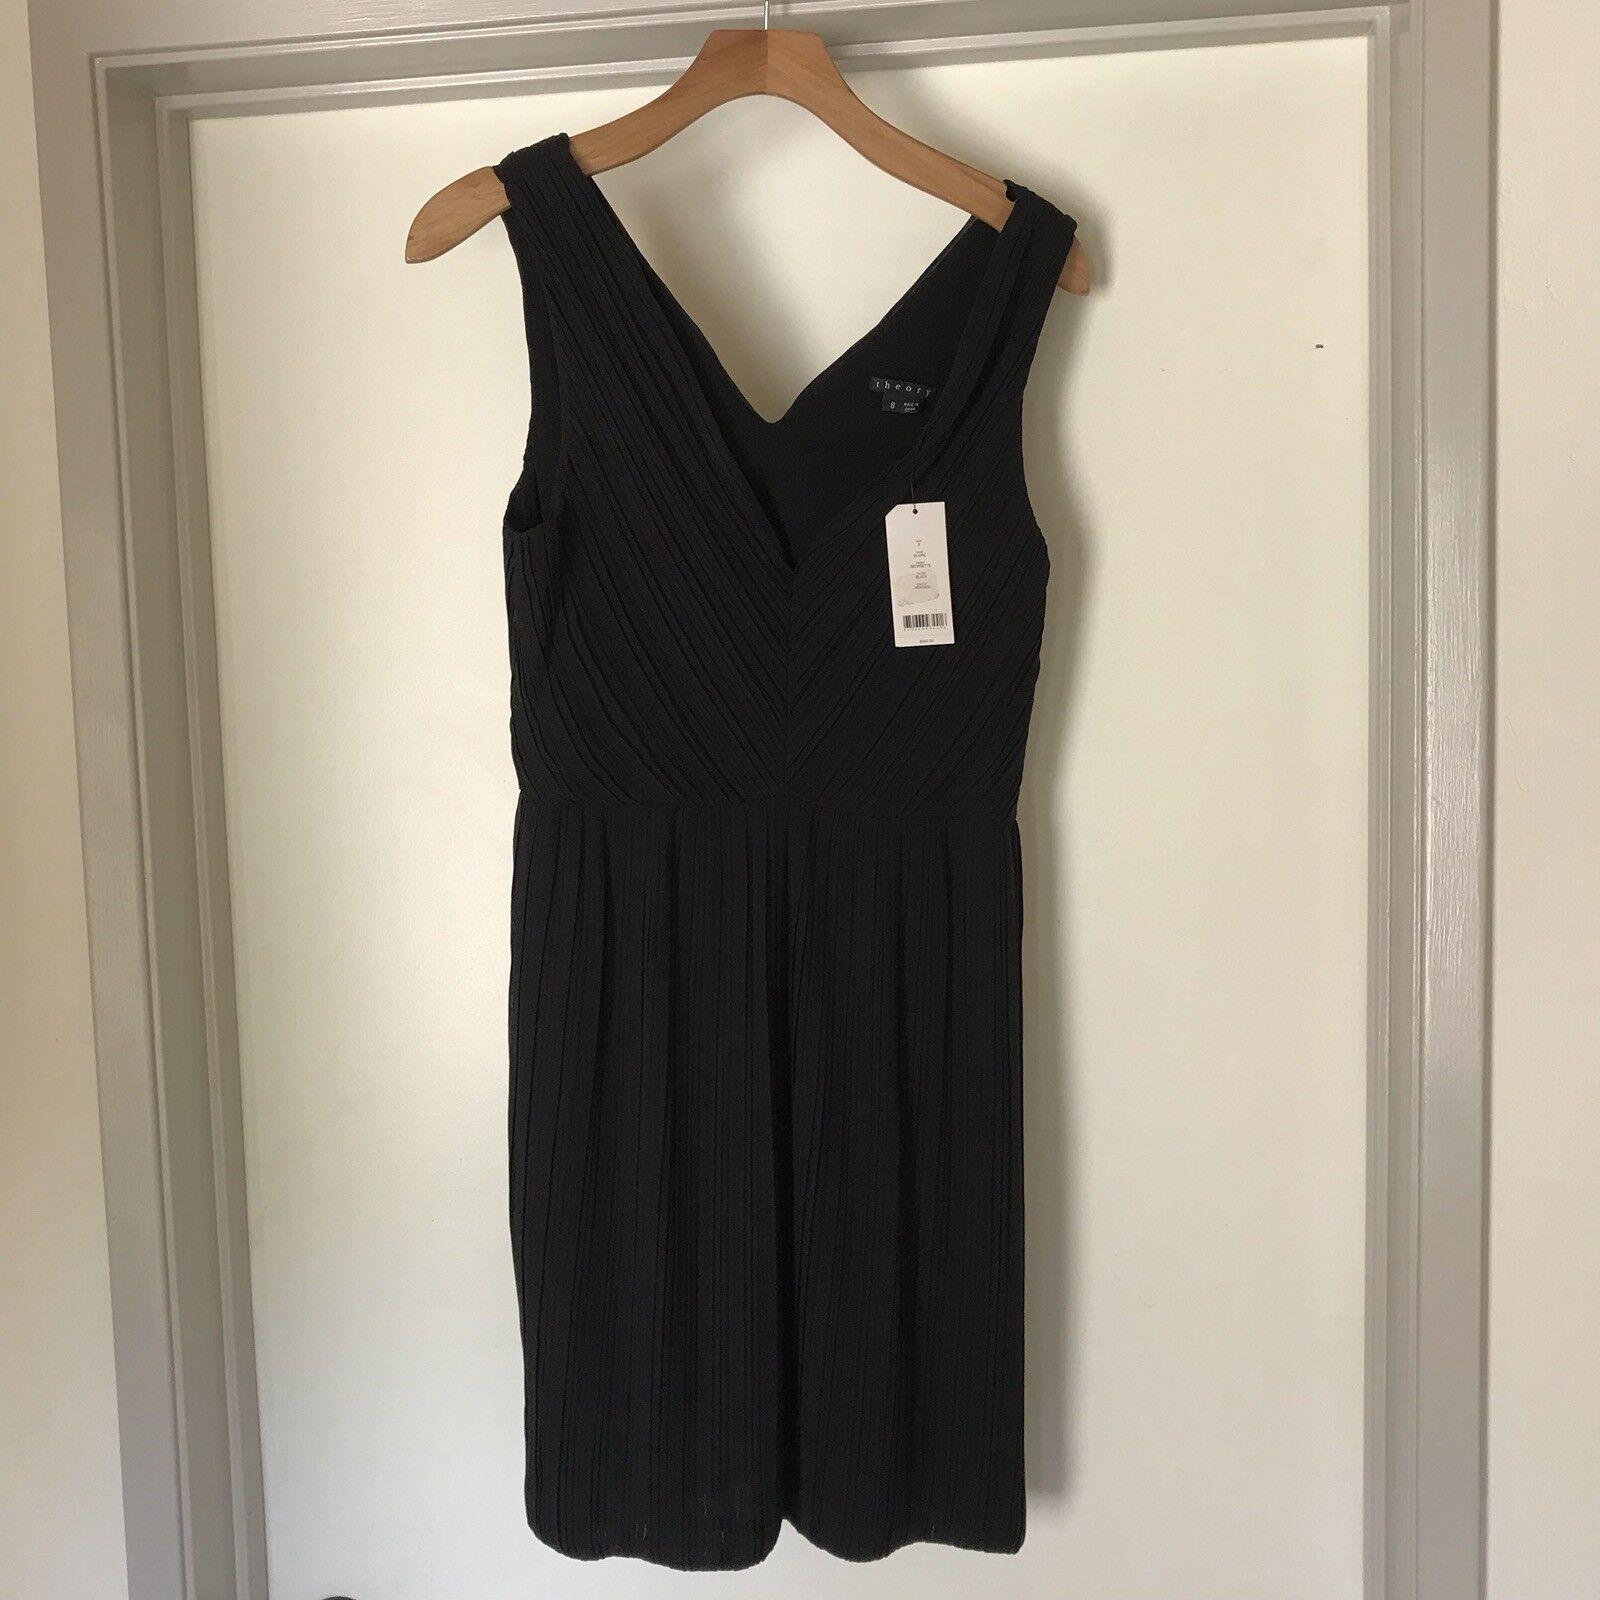 NWT Theory Dress schwarz Blair Größe 8 Retail